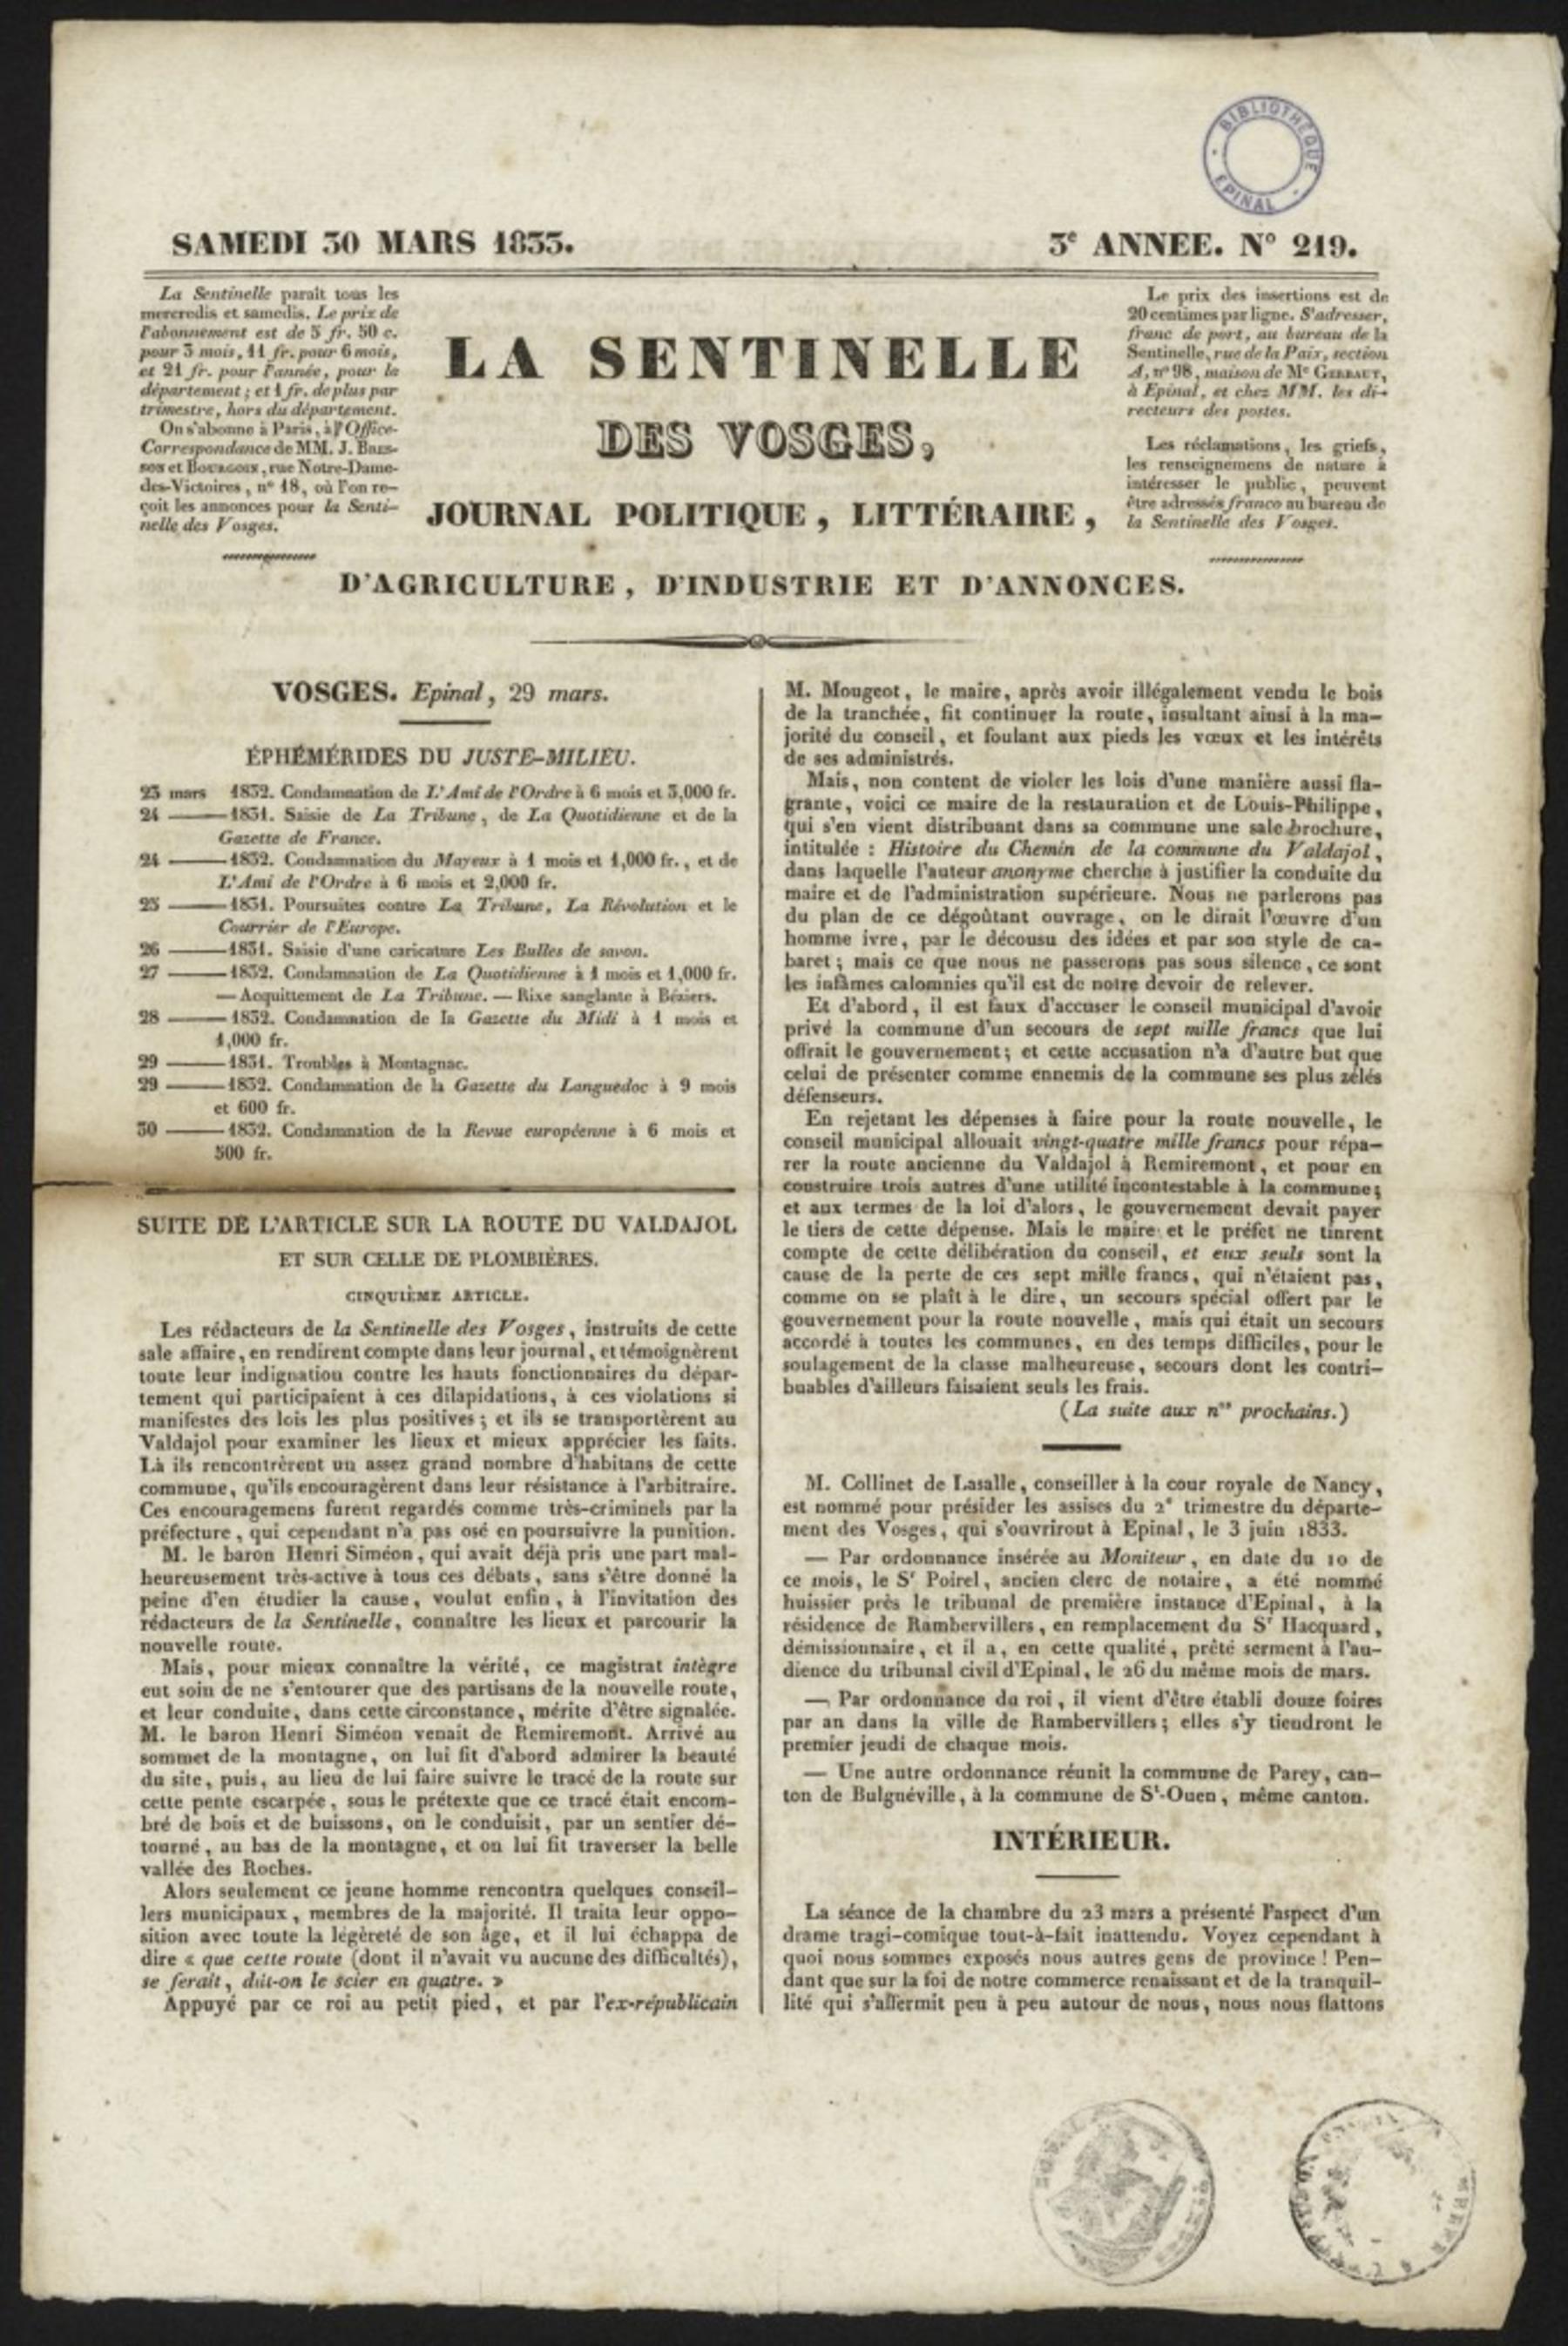 Contenu du La Sentinelle des Vosges : journal politique, littéraire, d'agriculture, d'industrie et d'annonces